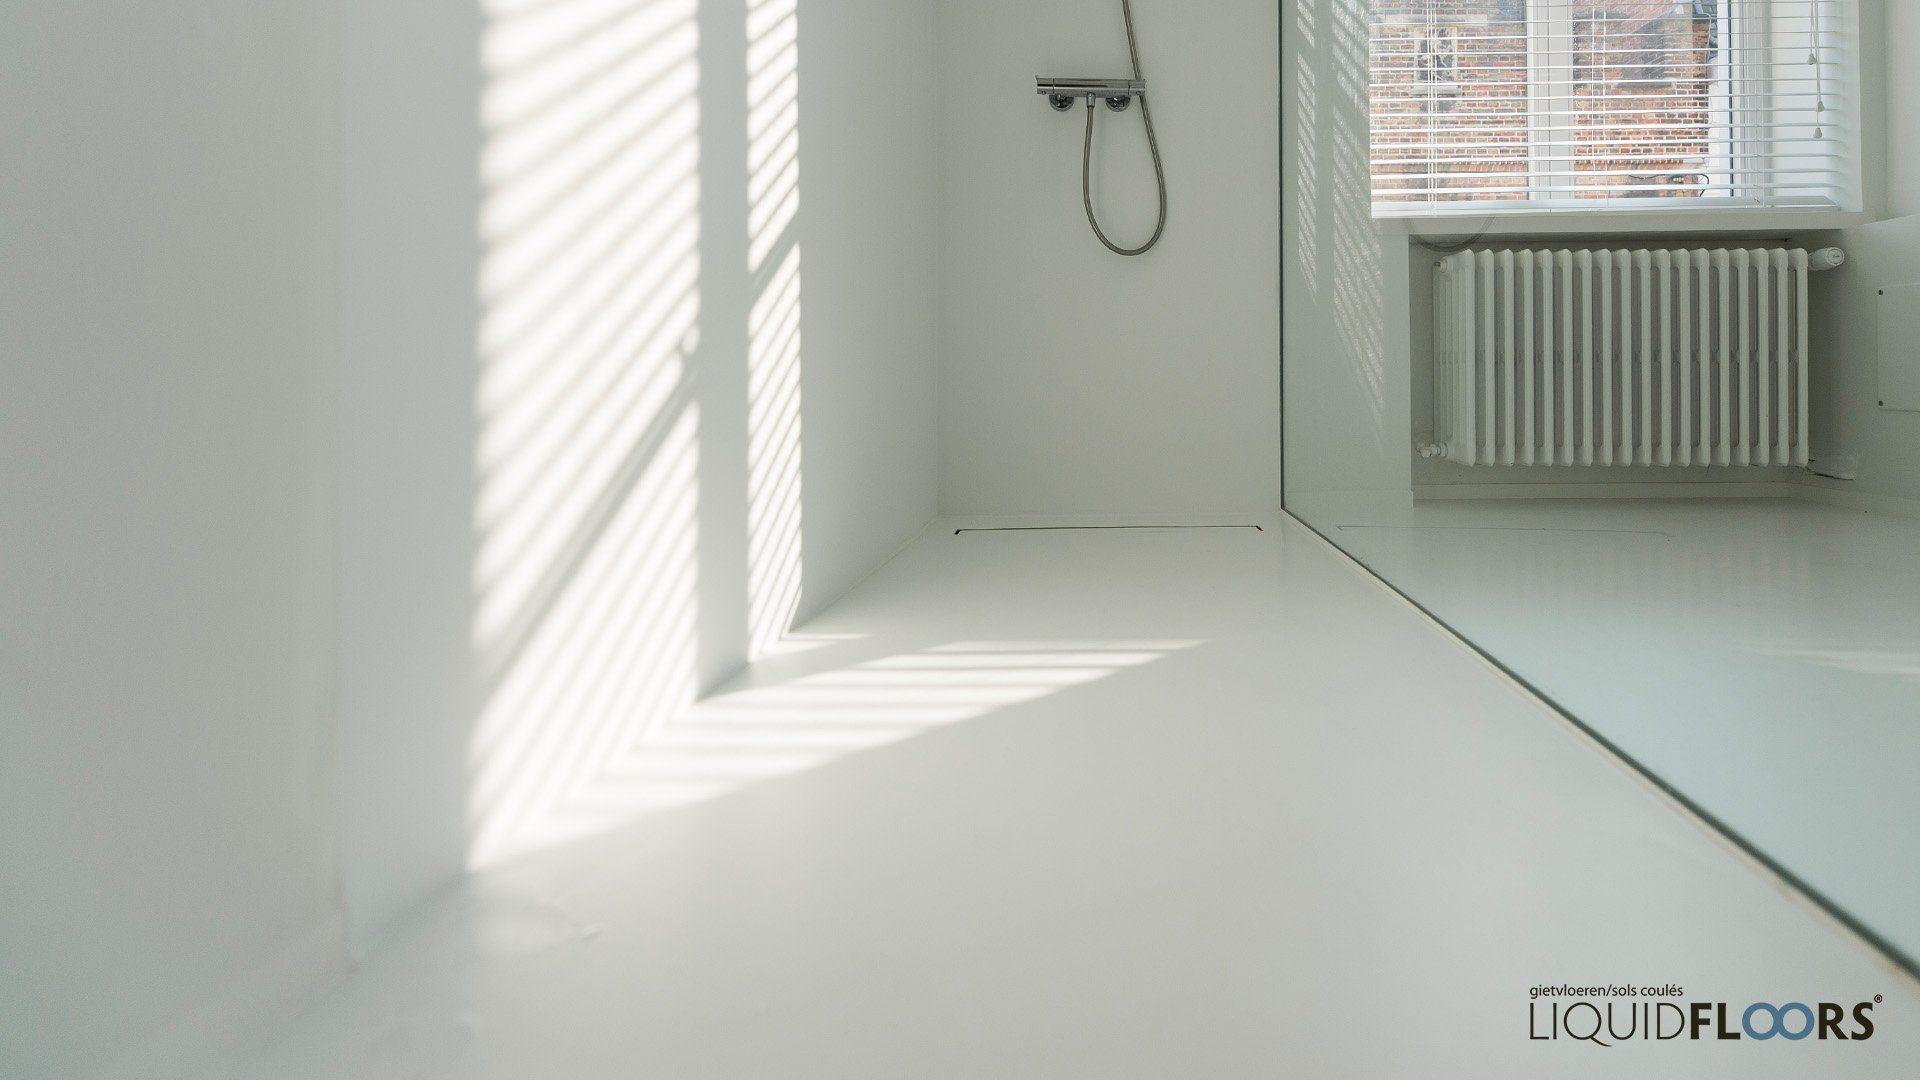 Inloopdouche naadloos design douche badkamer witte kleur interieur